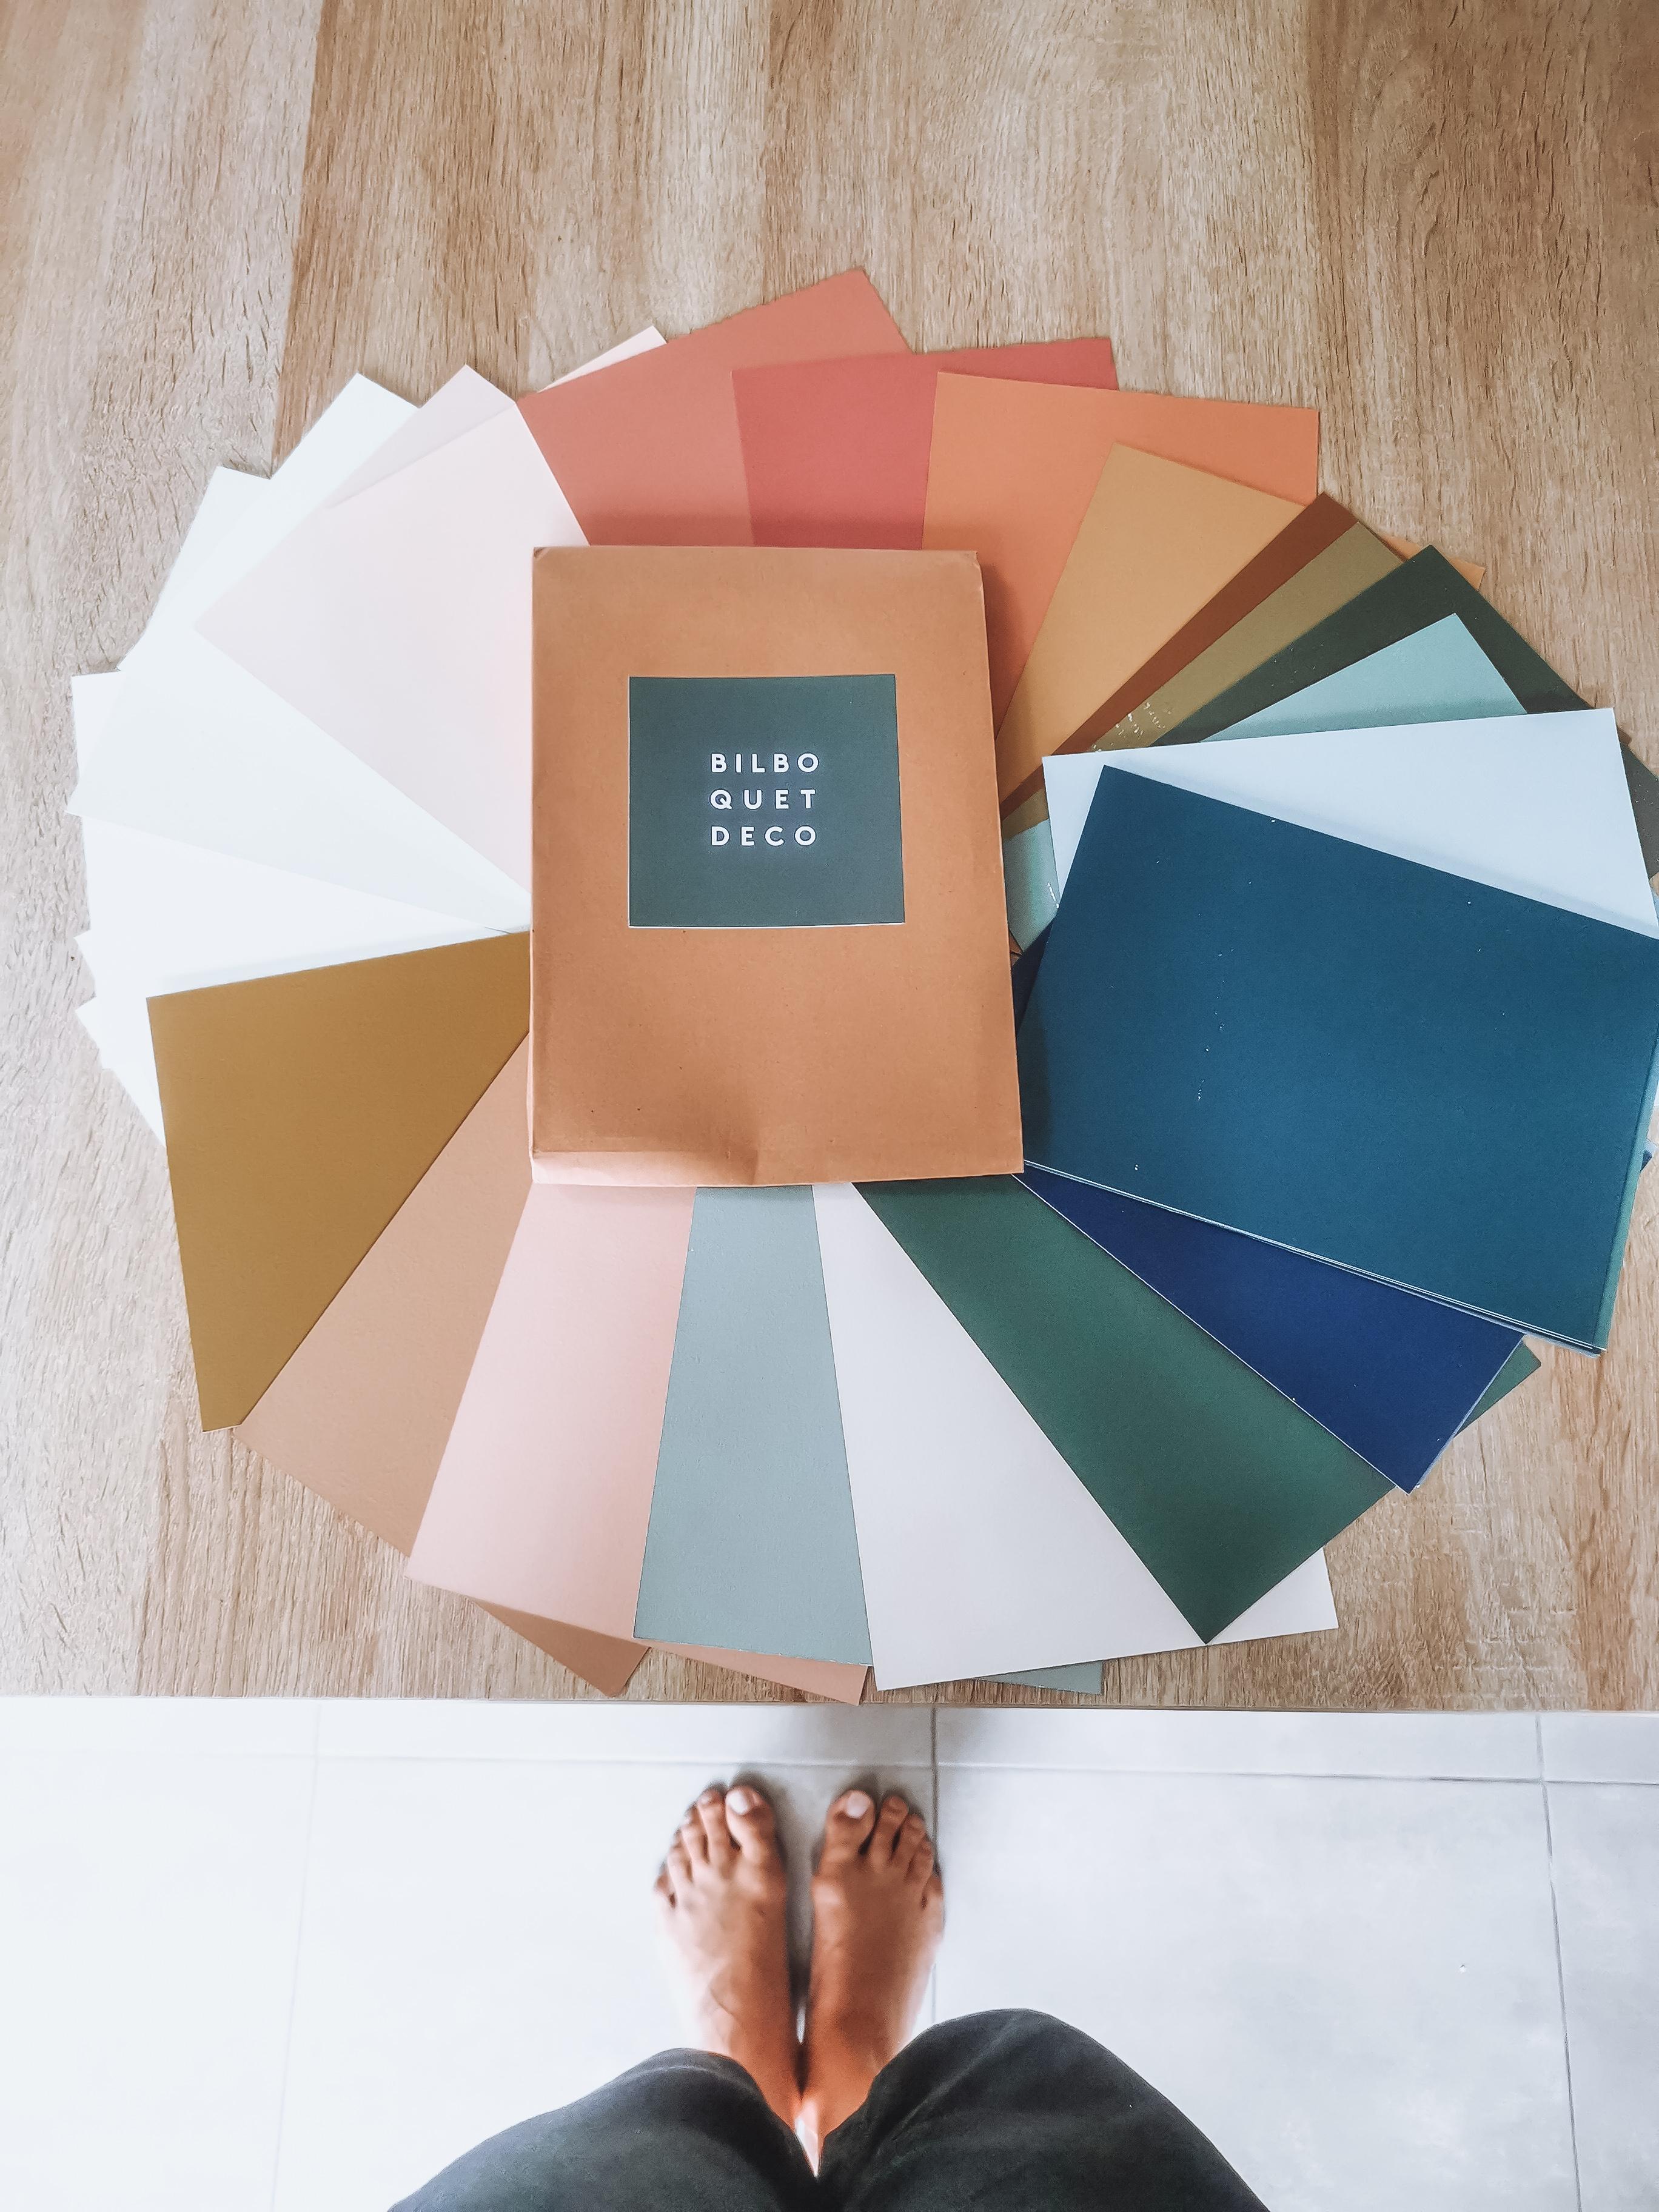 Conseil couleurs bilboquet décoration